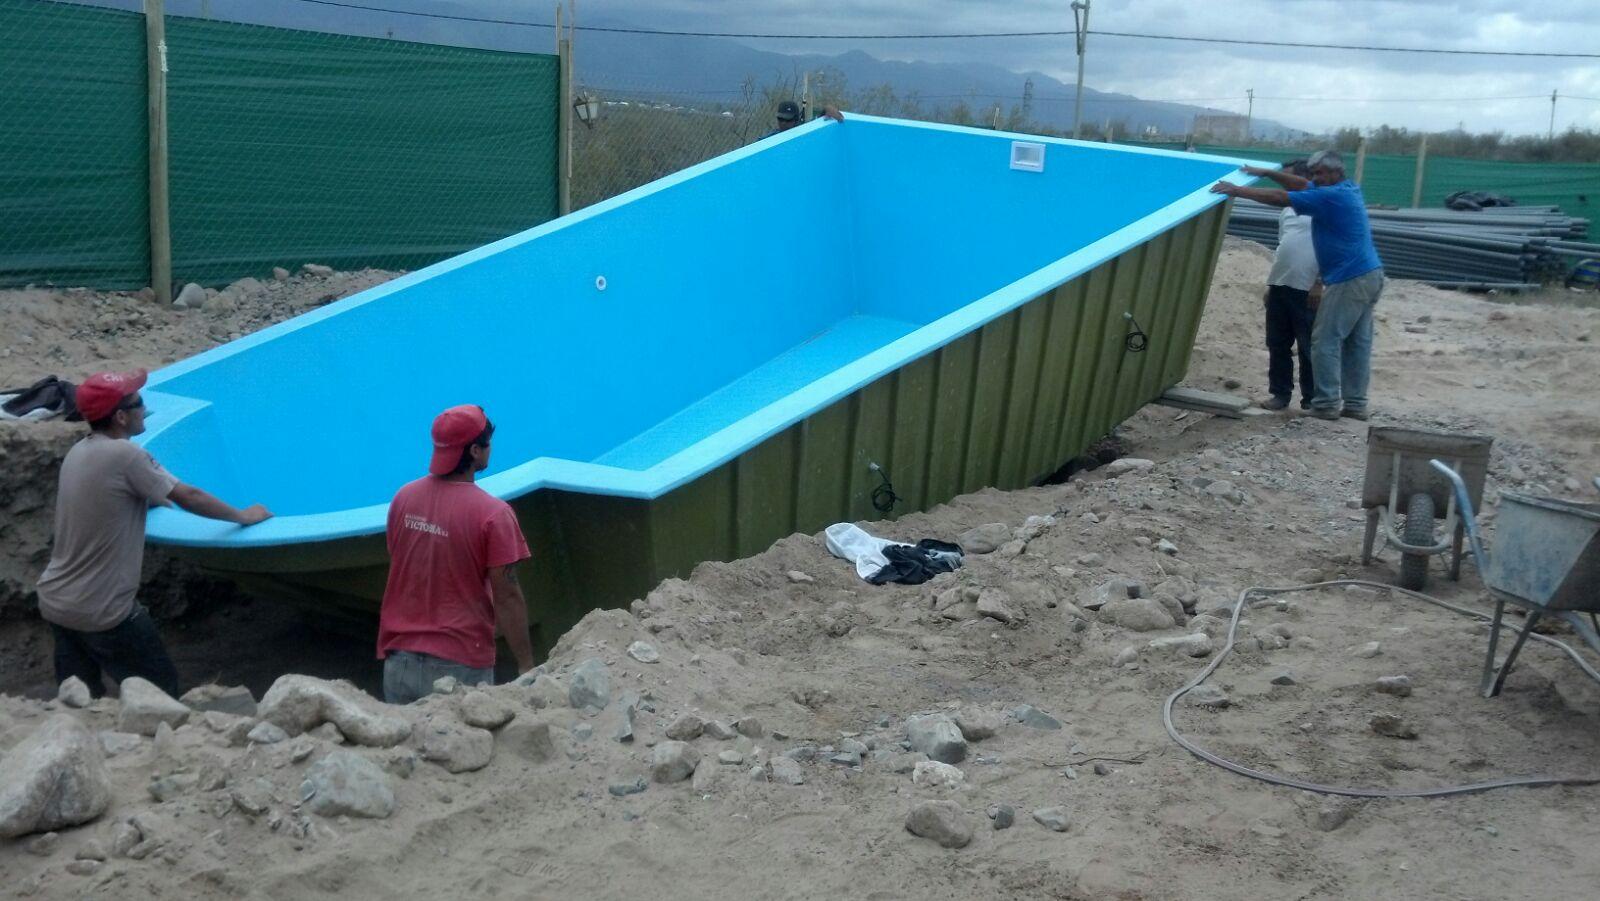 Instalaci n de piscina colocaci n borde at rmico de - Instalacion piscina ...